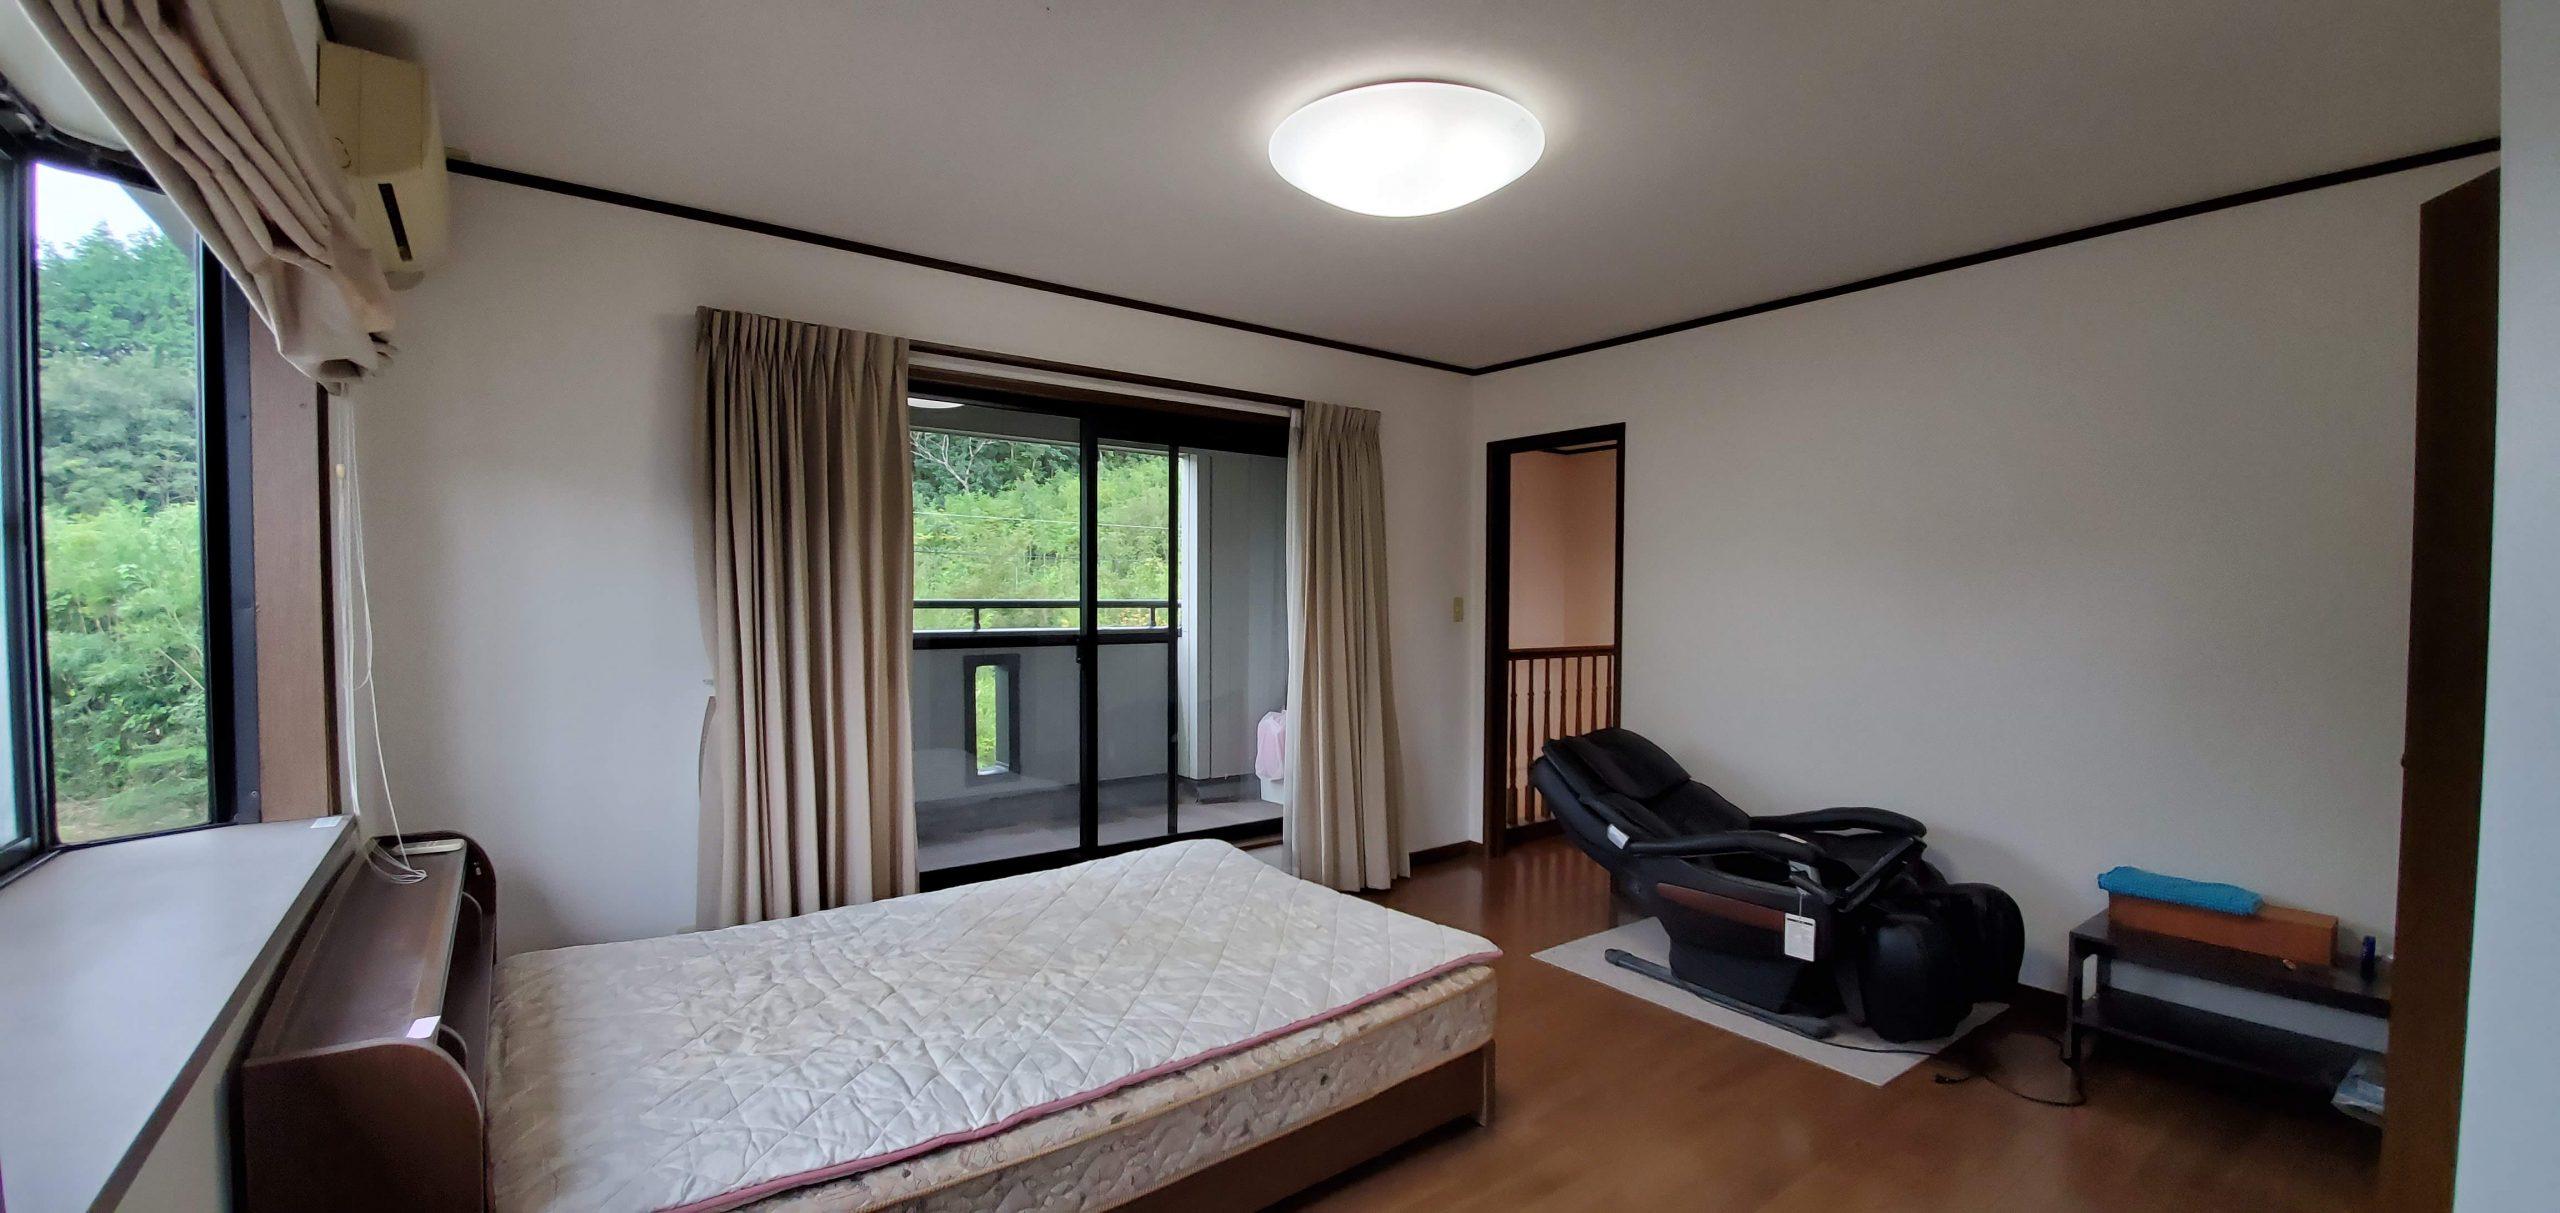 大分市上判田 中古住宅 寝室2